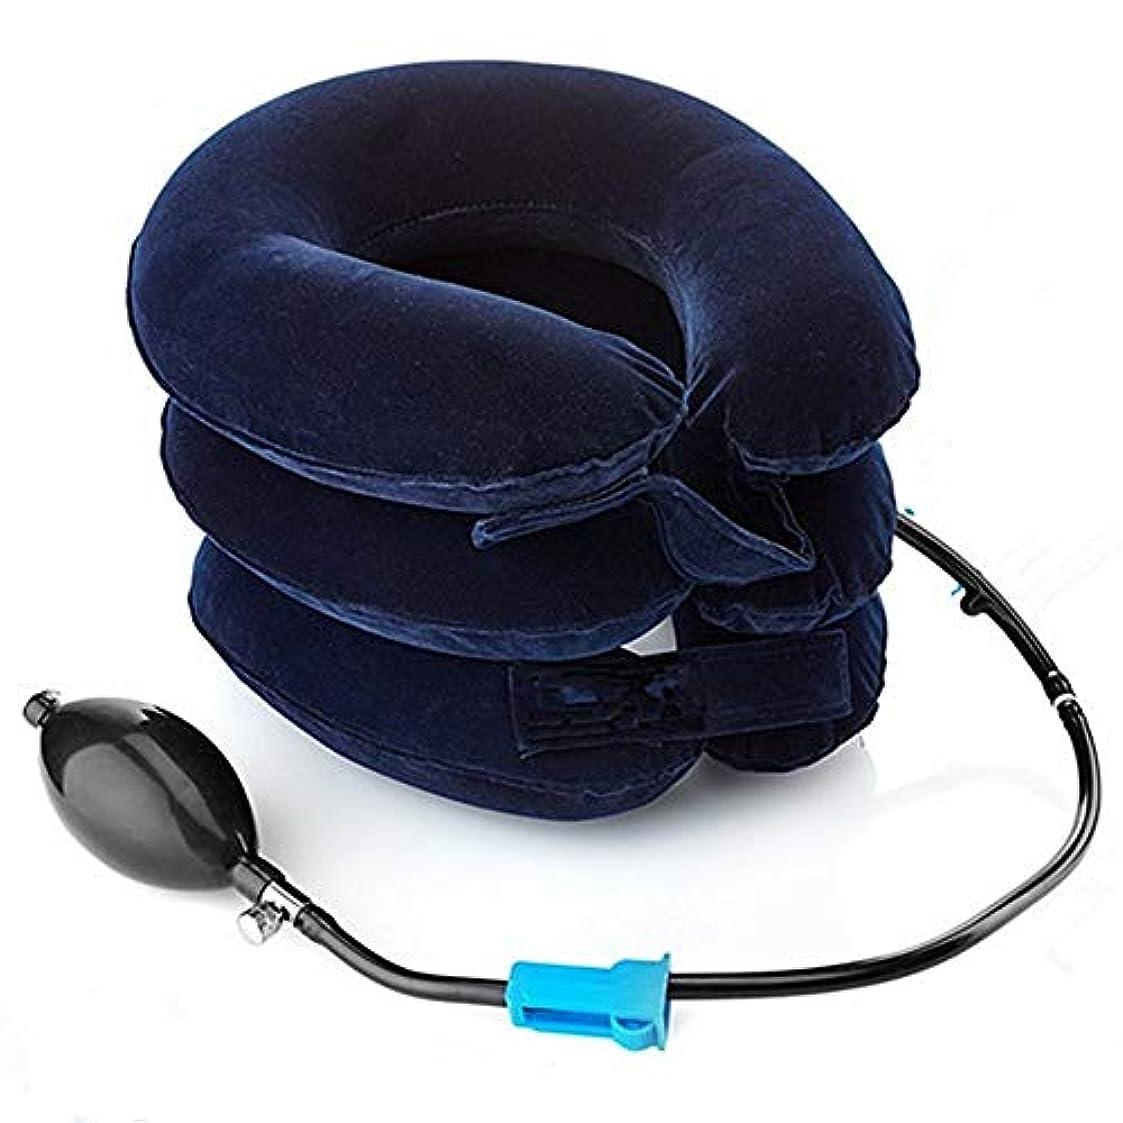 トイレ代理人エジプト人子宮頸管牽引装置FDA登録 - ホームトラクション背骨の整列のためのインフレータブル&調節可能なネックストレッチャーカラー